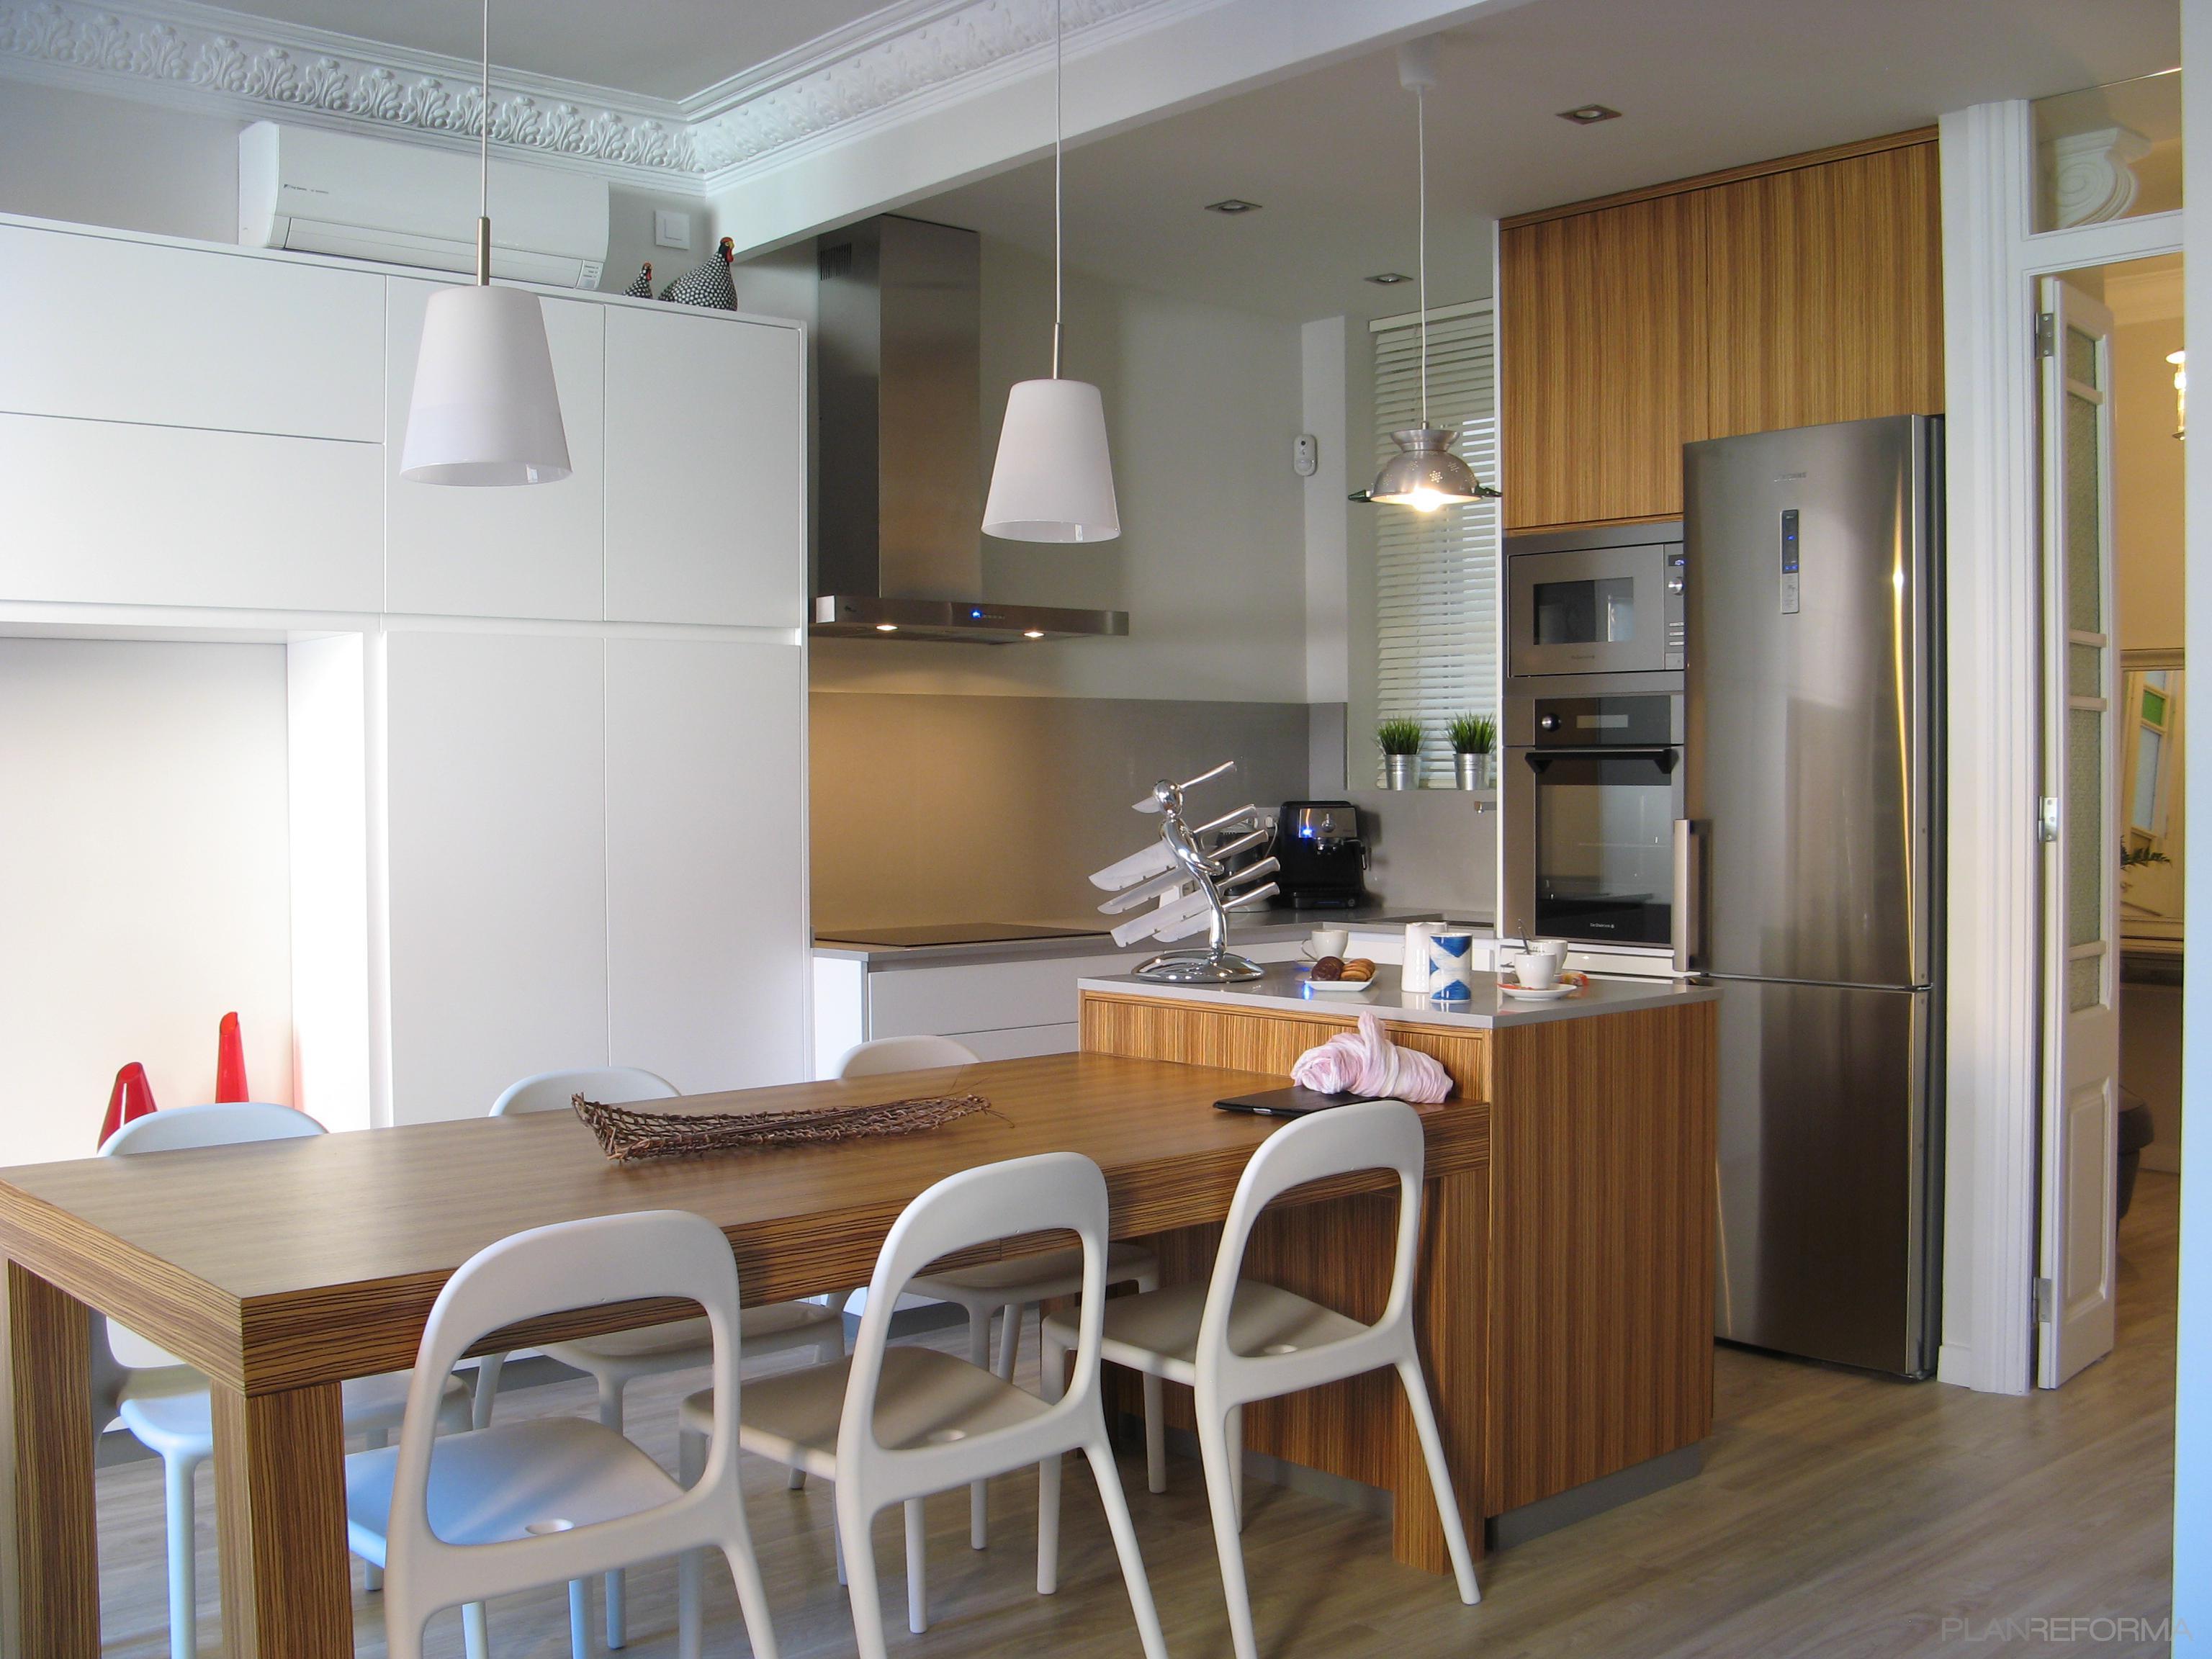 Comedor, Cocina Estilo mediterraneo Color marron, blanco, plateado  diseñado por Estudi de Arquitectura & Eficiencia Energètica GPA S.L   Arquitecto Técnico   Copyright gpa Arquitectura